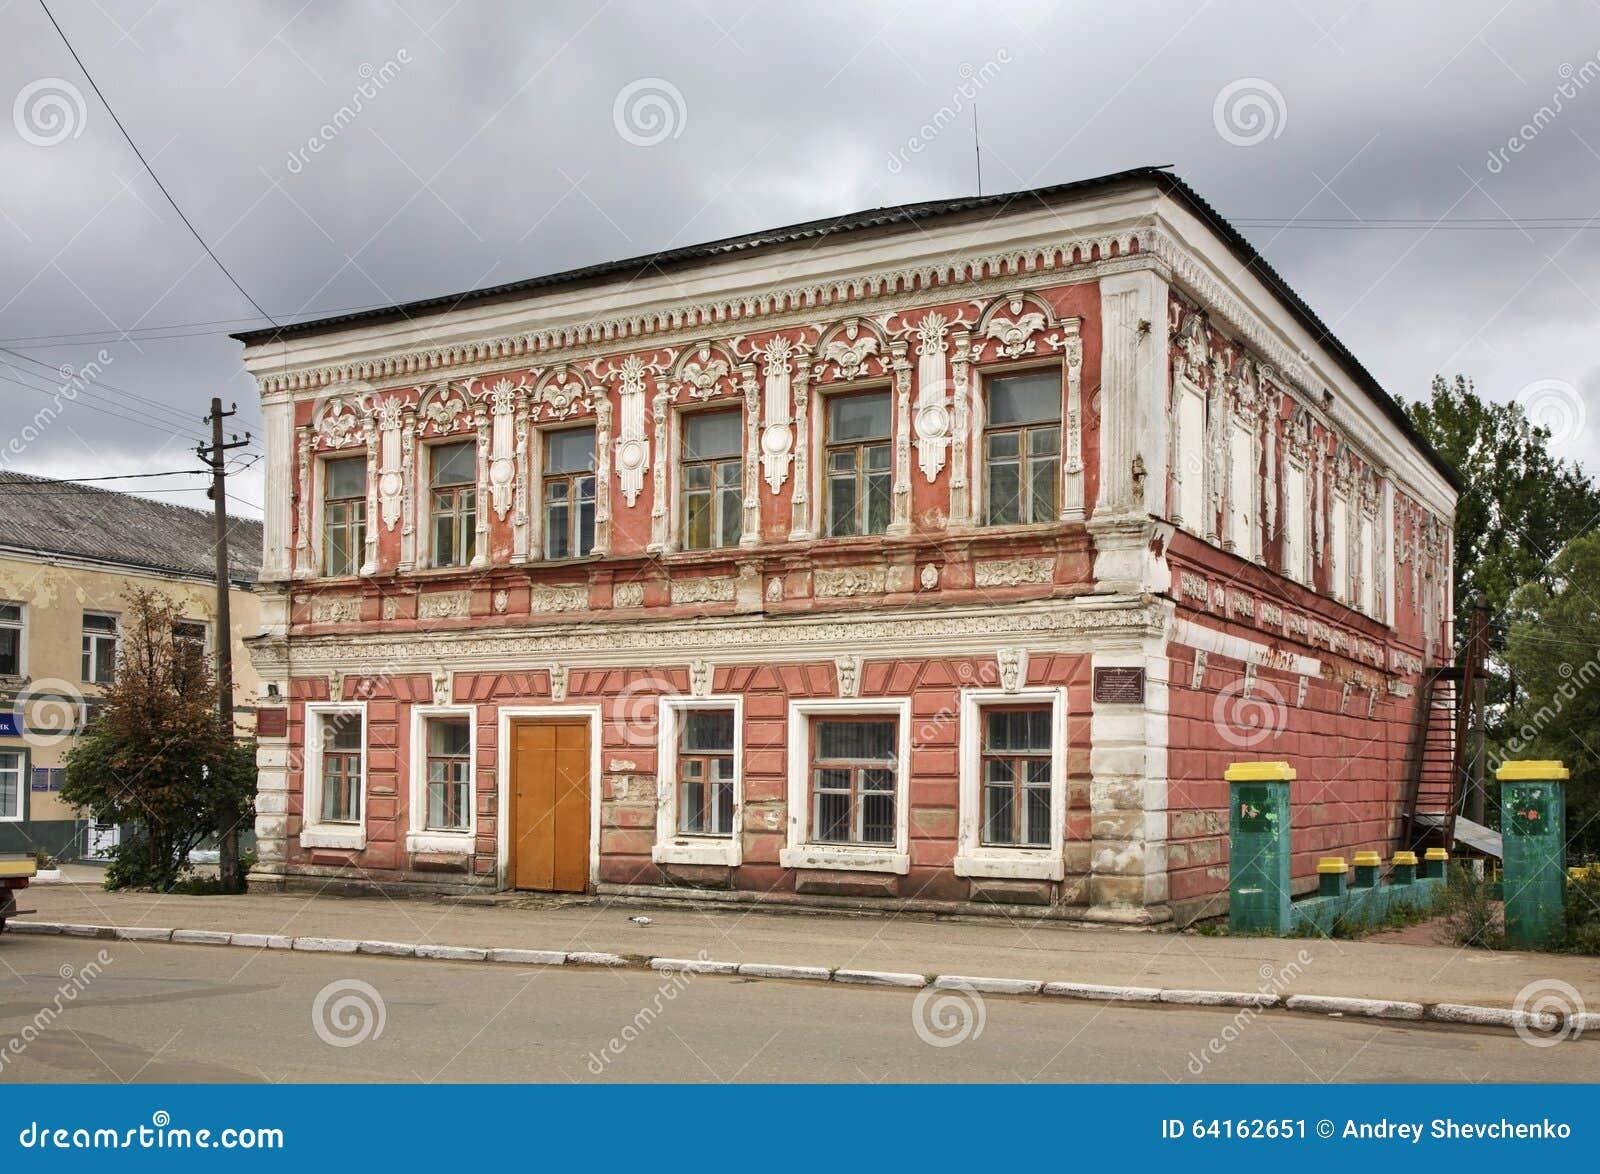 Bologoye 93